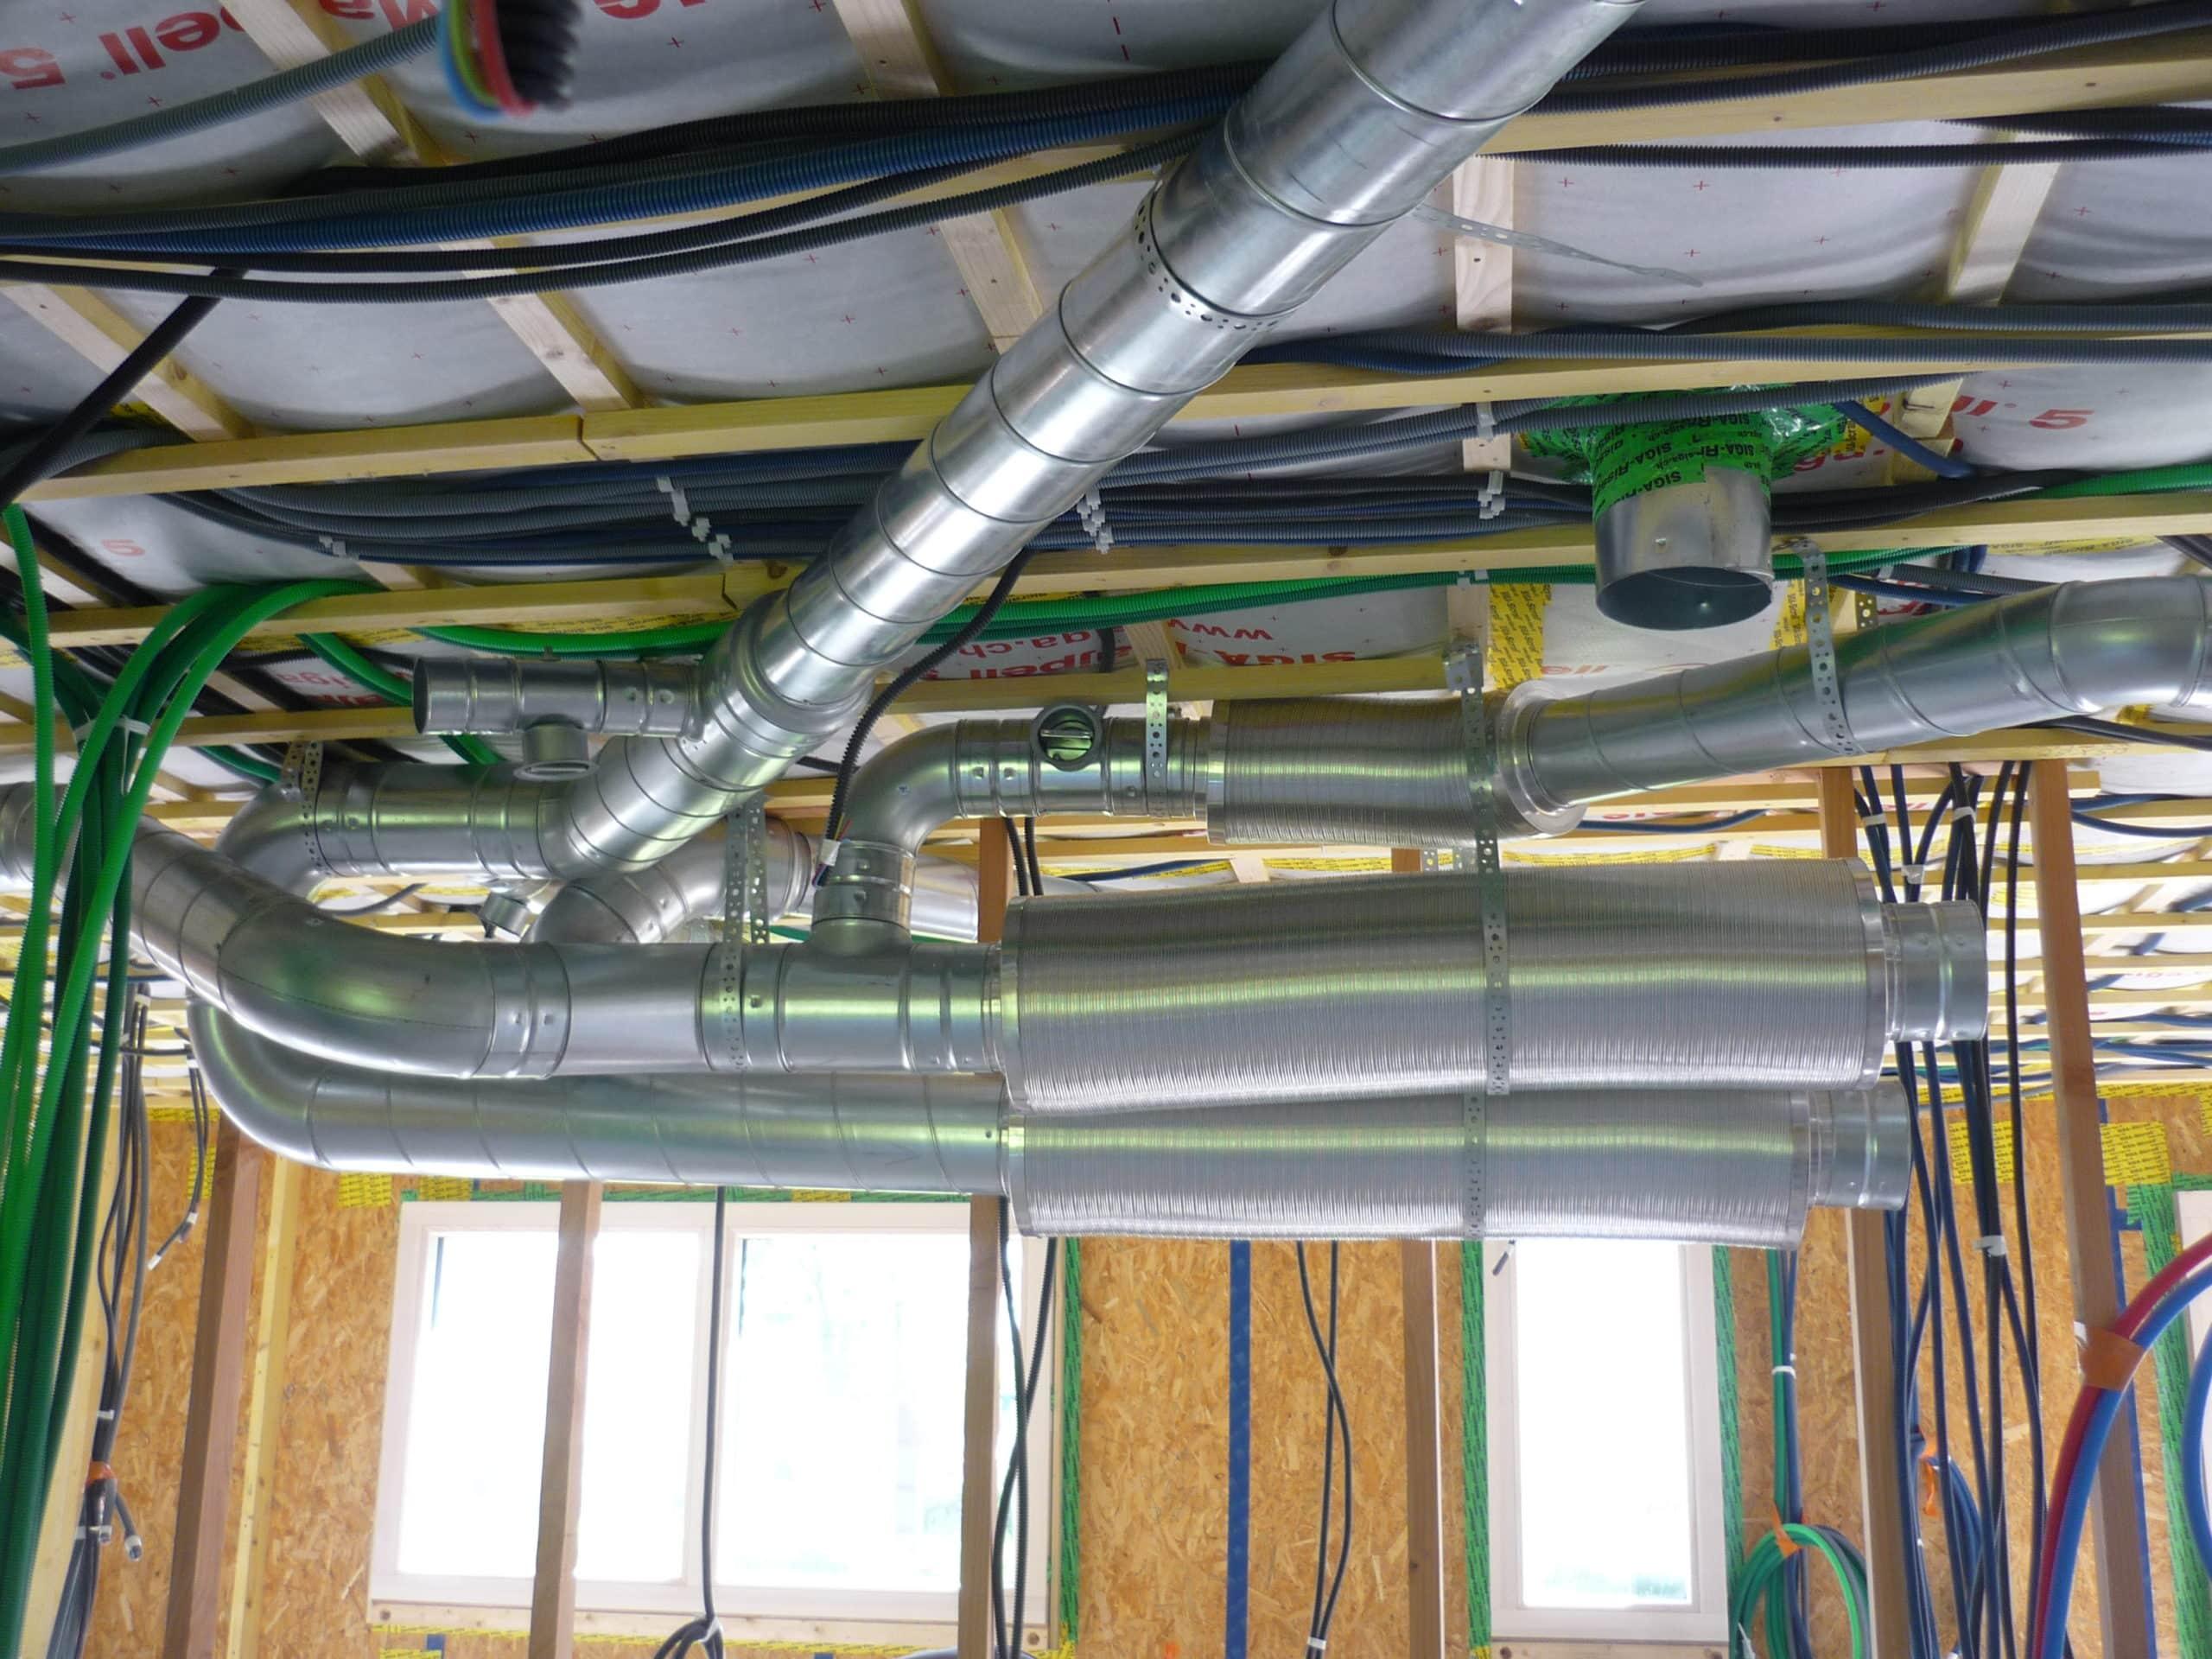 Syst me de ventilation d 39 une maison passive www for Ventilation d une maison